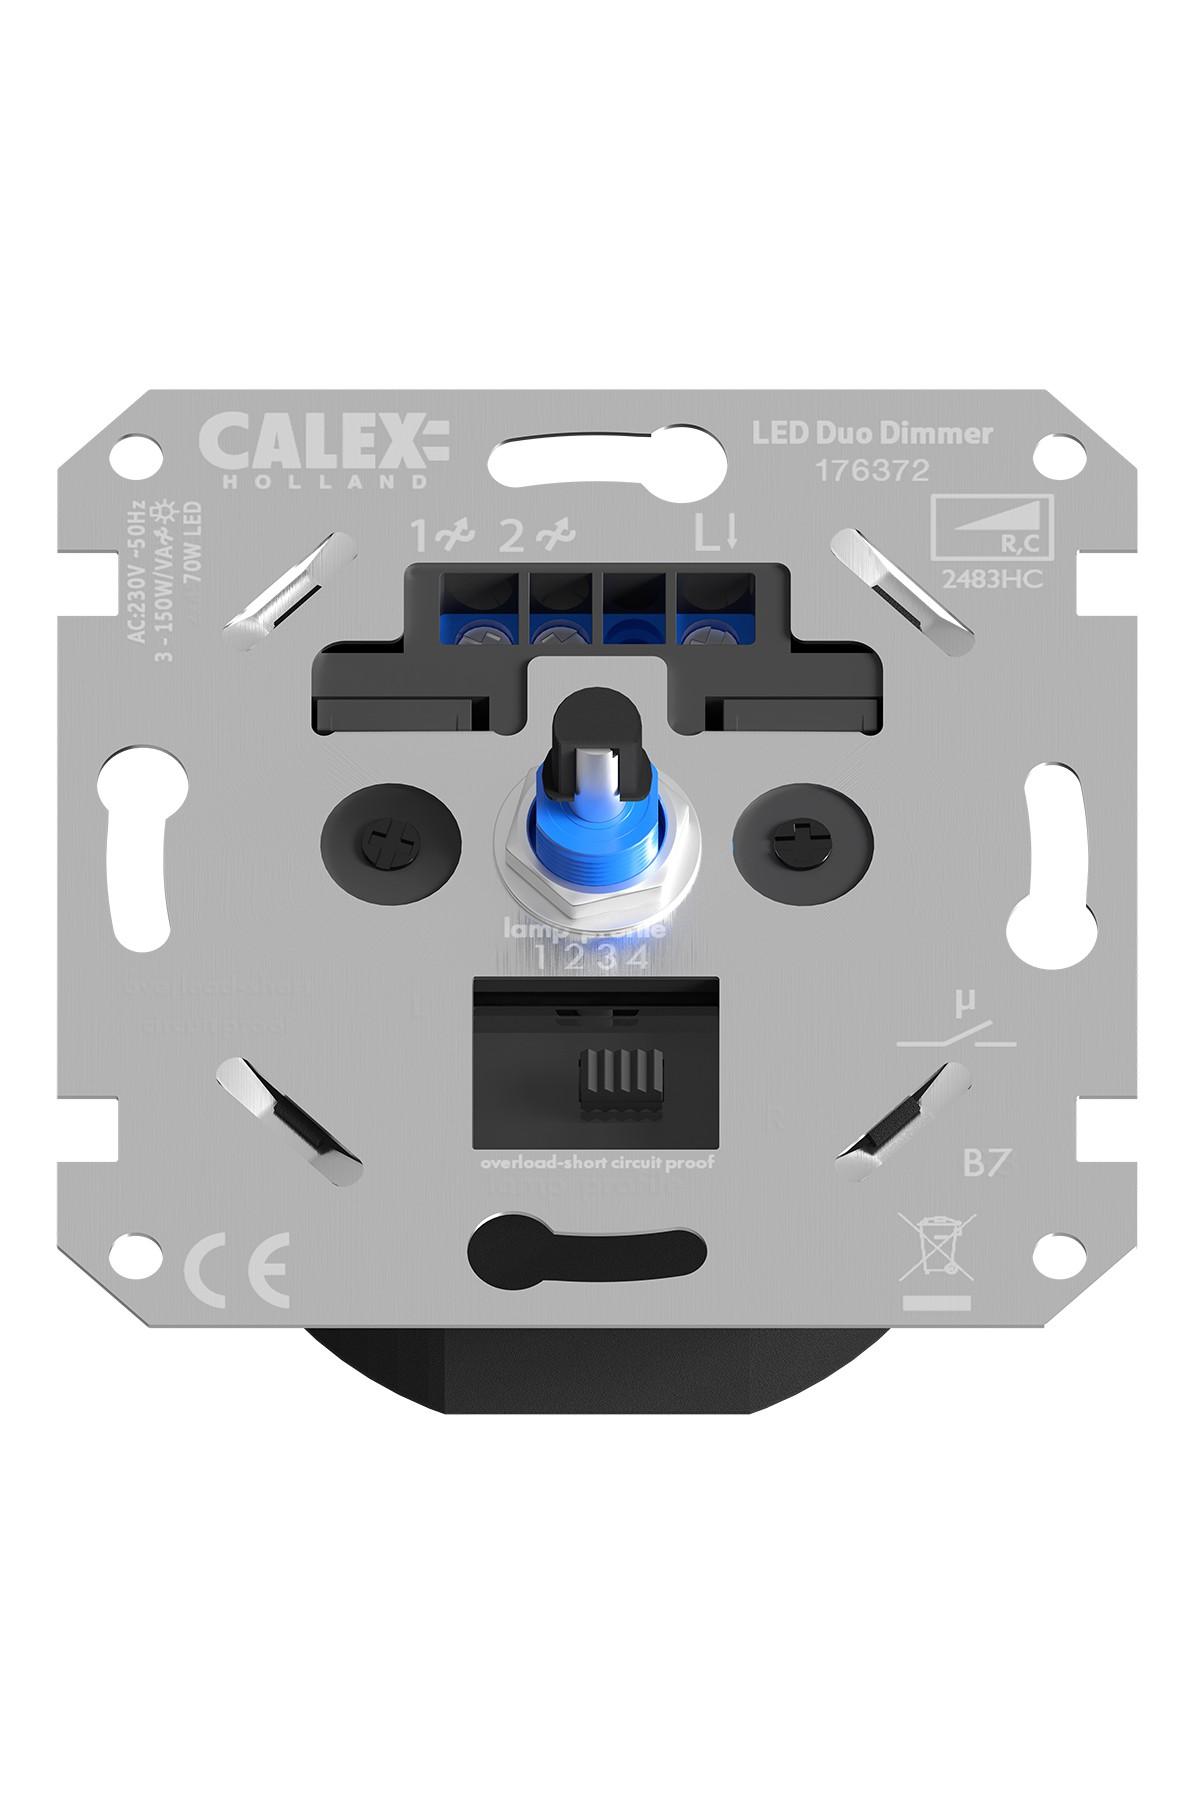 Dimmer for LED Flush Mounting